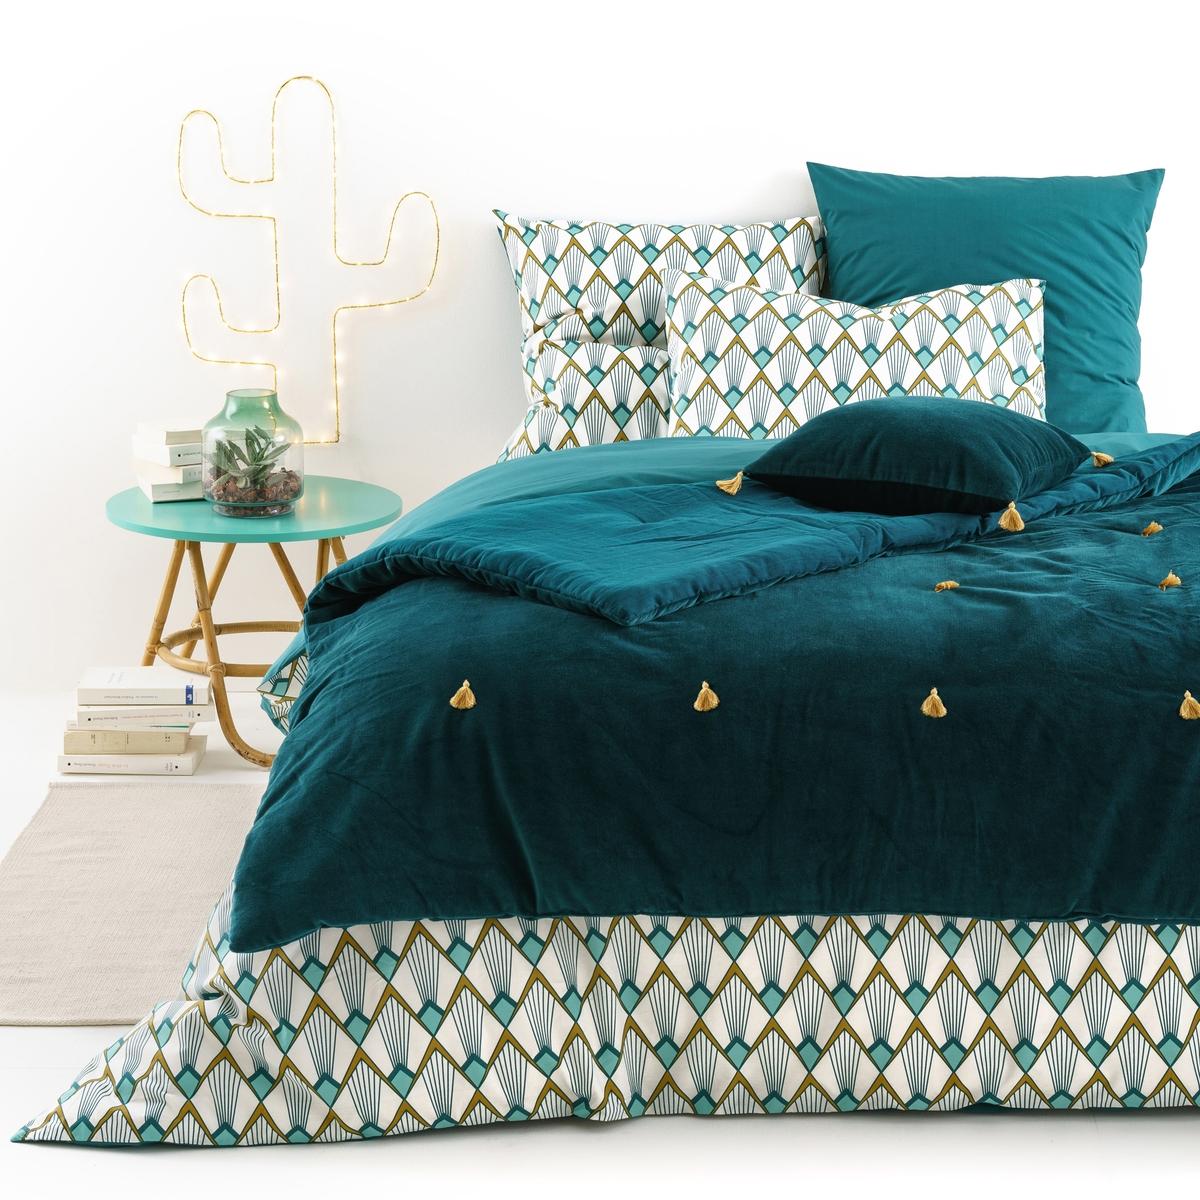 Одеяло из велюра PAULA одеяла pastel одеяло 1 5 сп